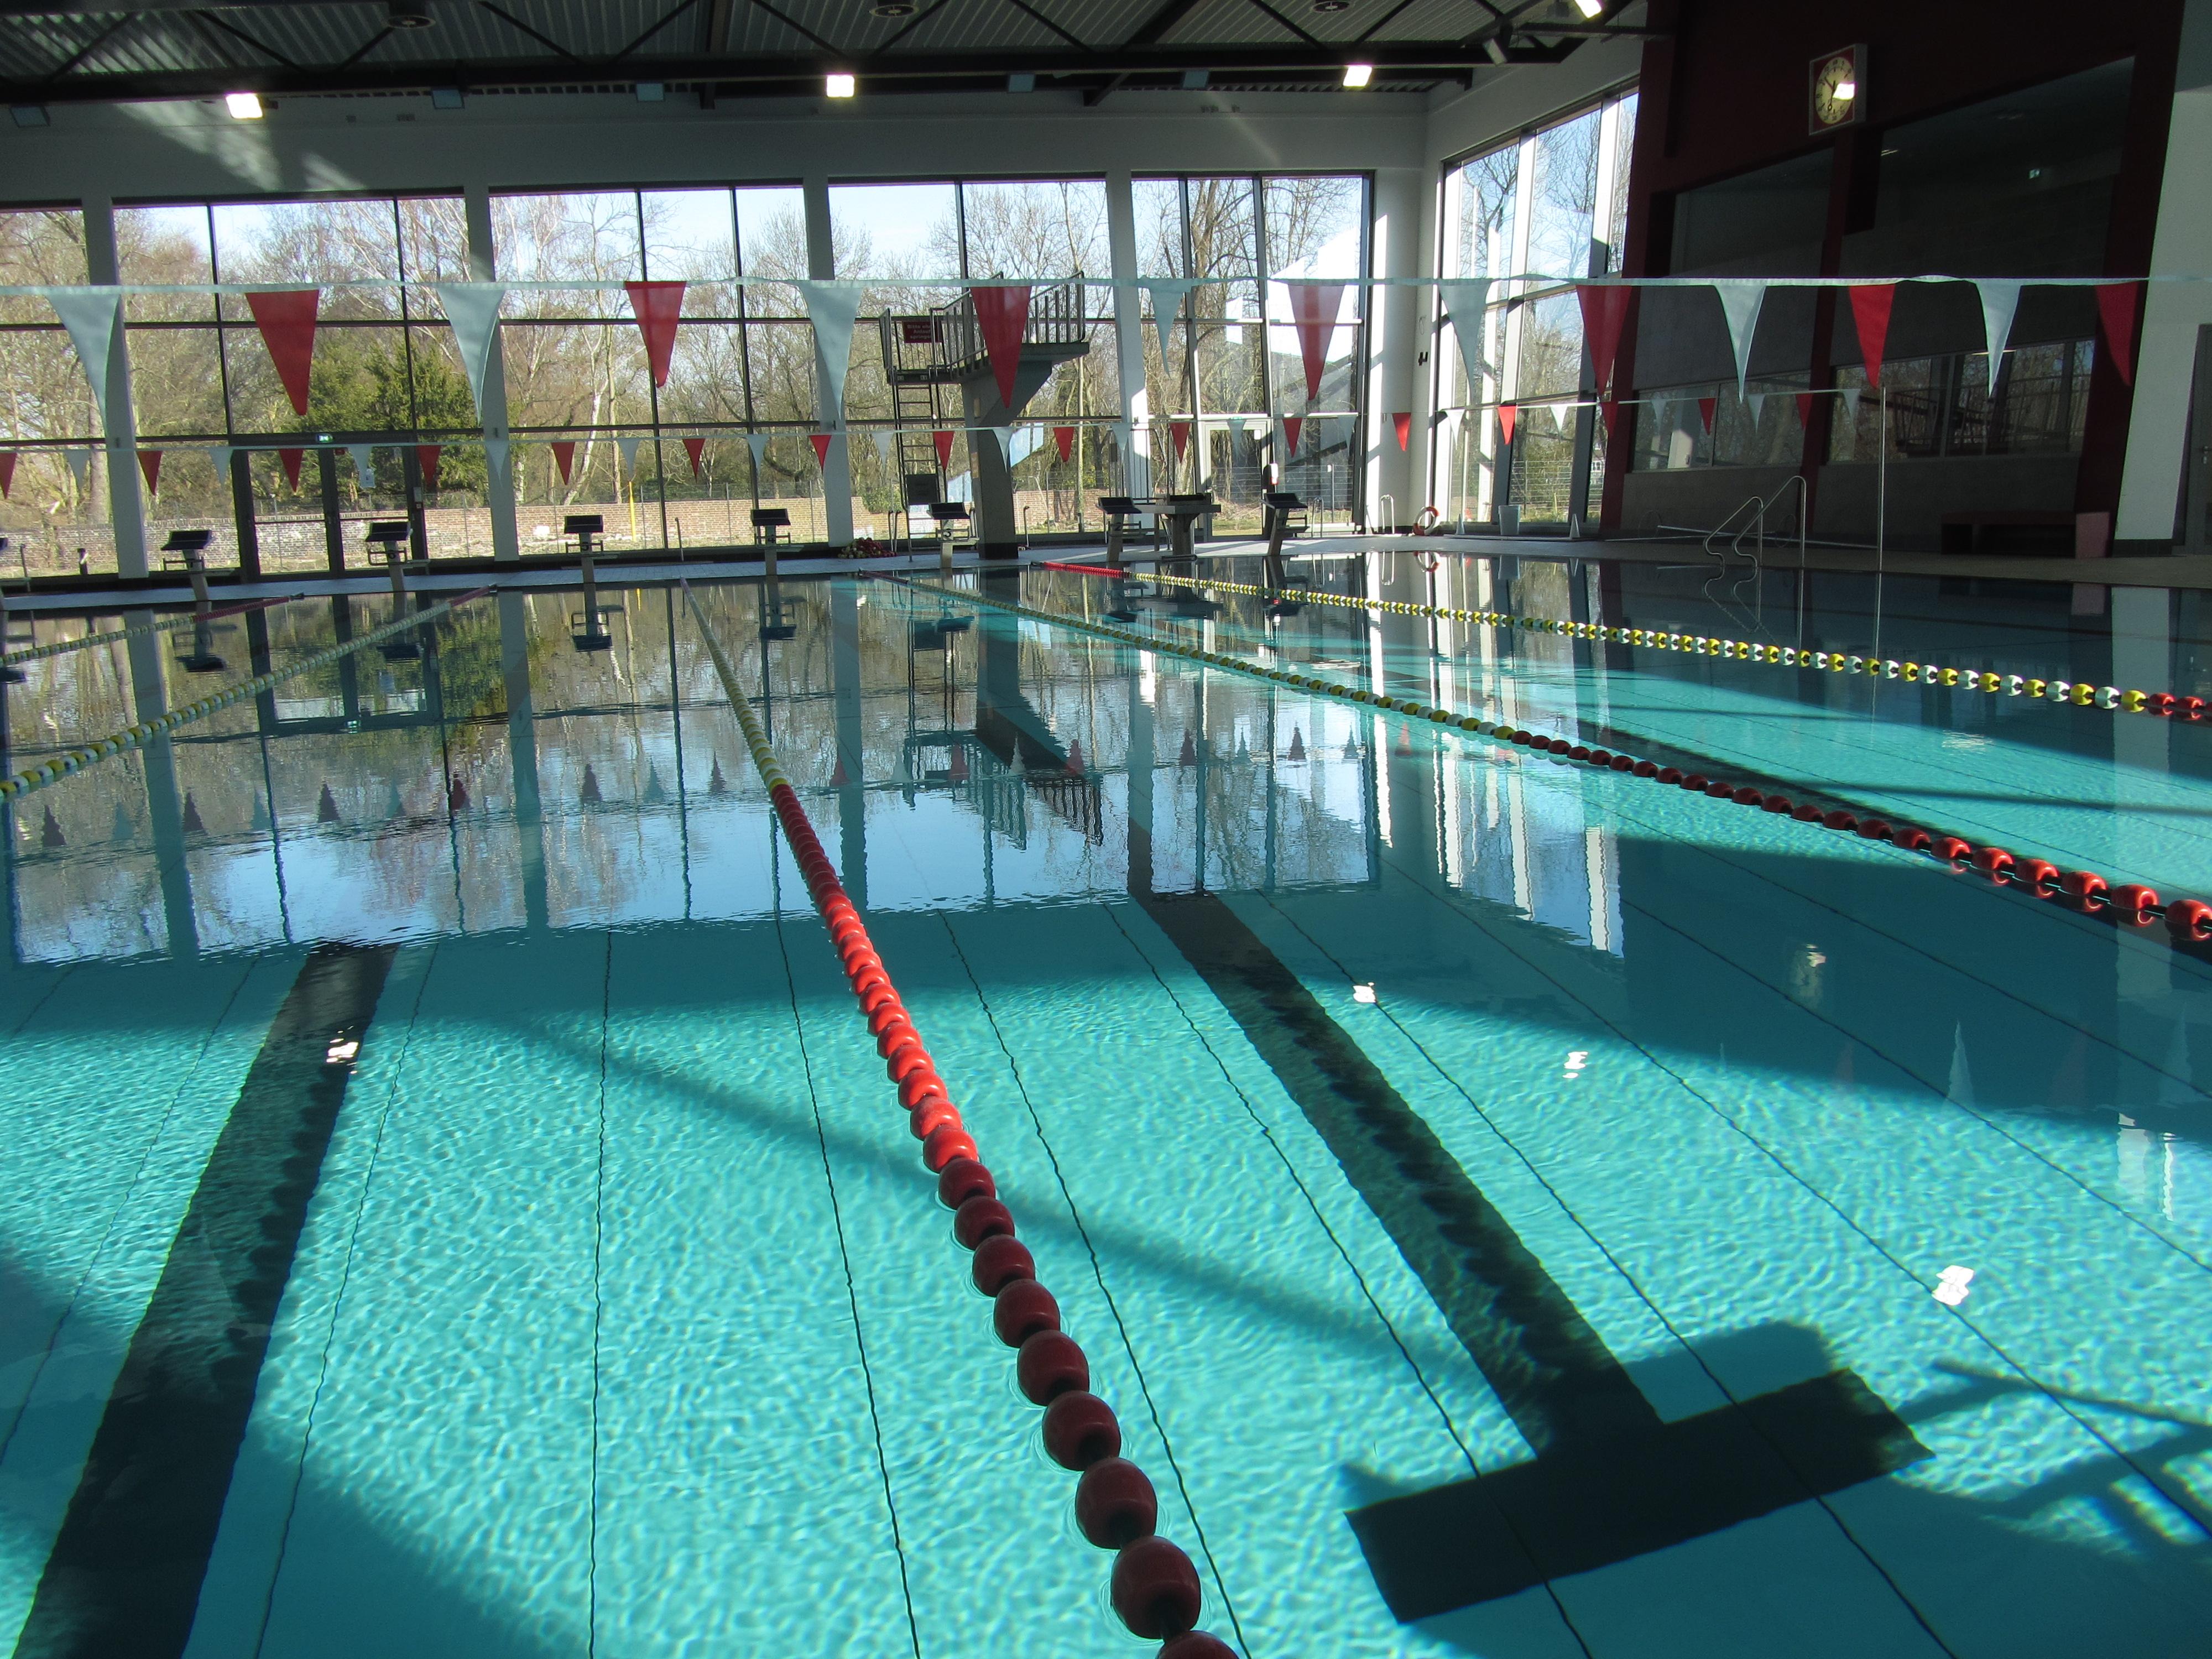 Foto: Blick auf die Schwimmbahnen im Sportbad Thurmfeld